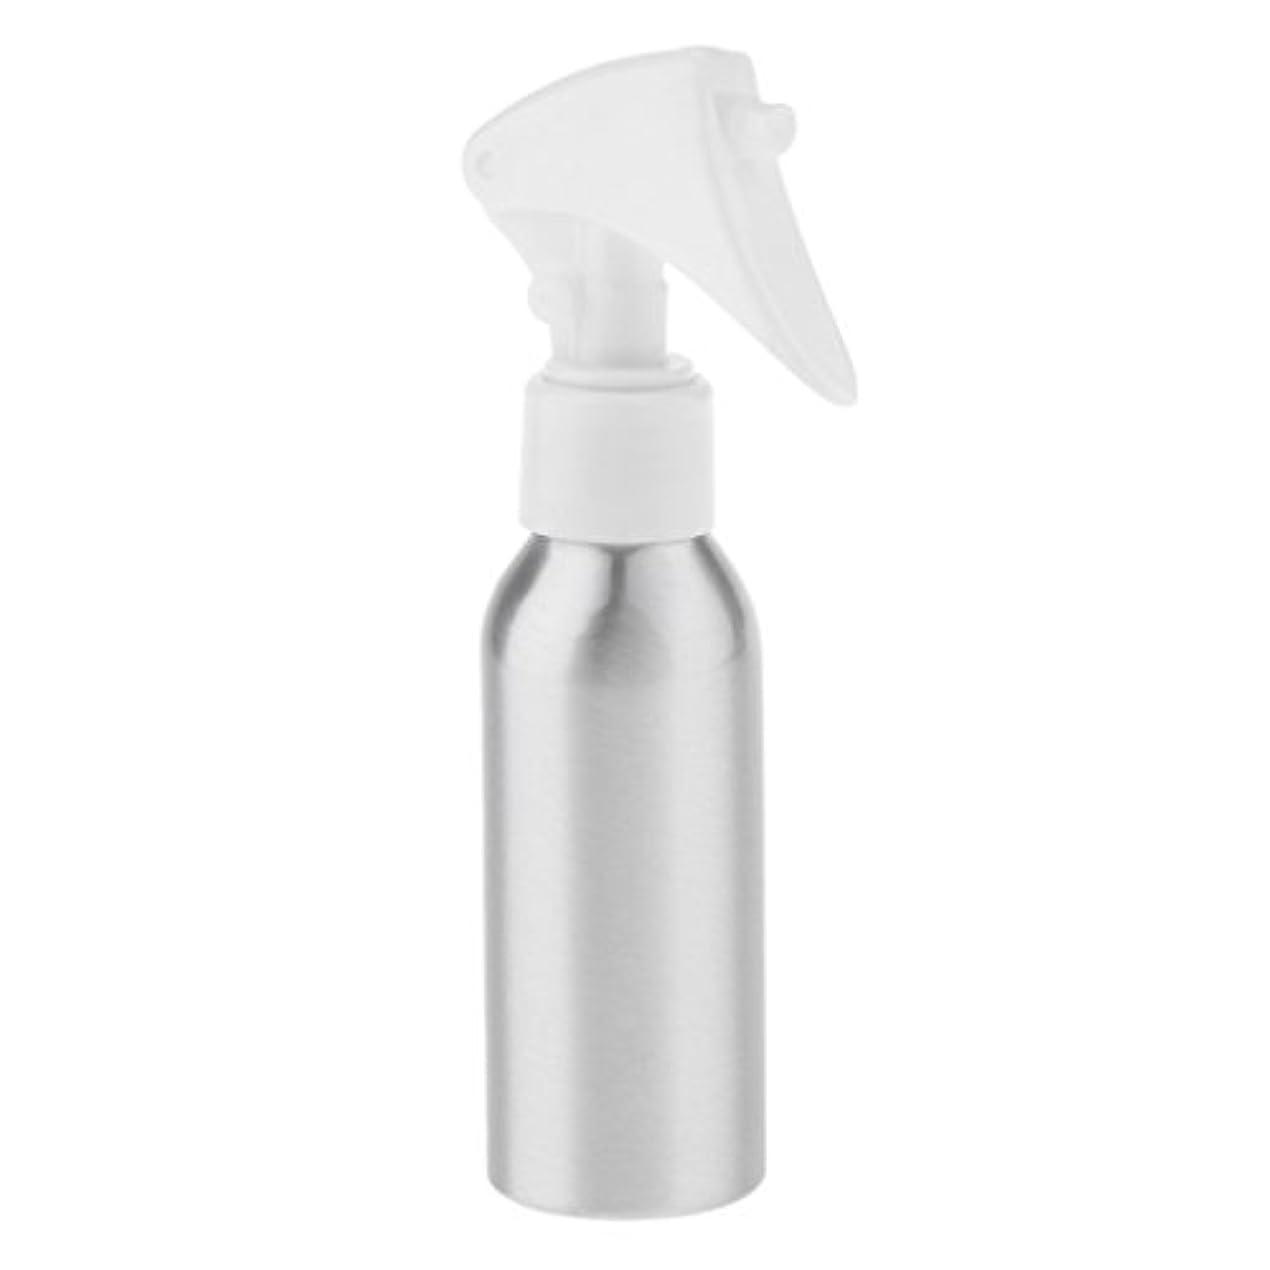 意味のある争い要件スプレーボトル スプレーポンプ ポンプボトル 噴霧器 香水ボトル 多機能 便利 6サイズ選択 - 120ML